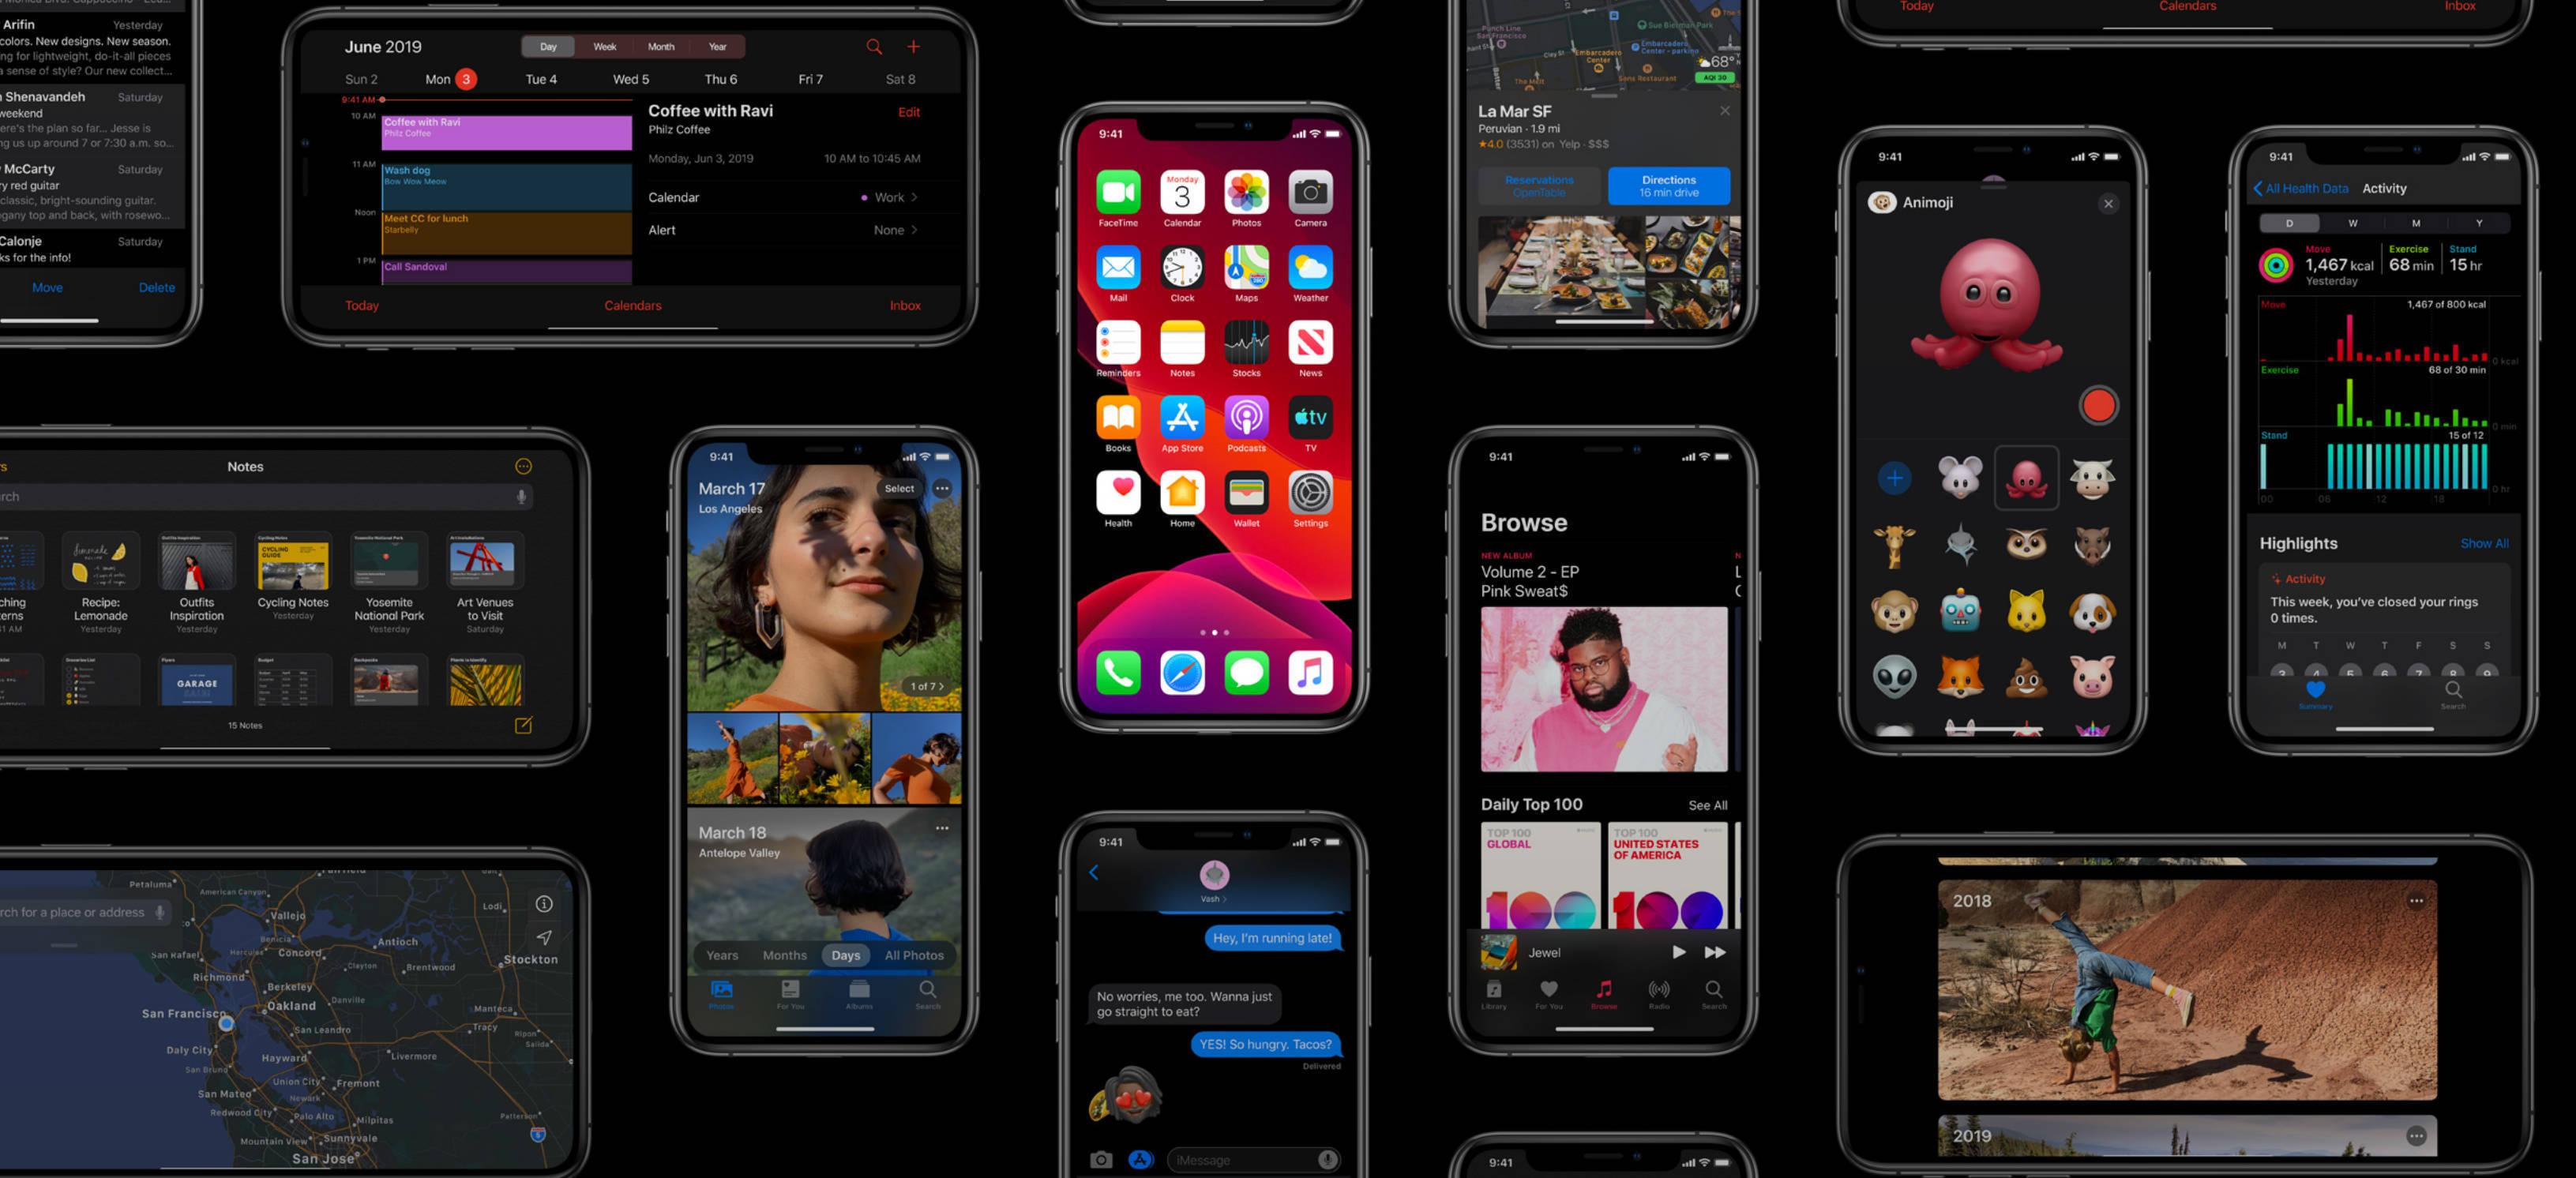 Apple iOS 13.1 premiera kiedy gdzie pobrać jak zainstalować iPhone iPadOS 13.1 opinie czy warto informacje co nowego nowości tvOS 13 kiedy macOS Catalina